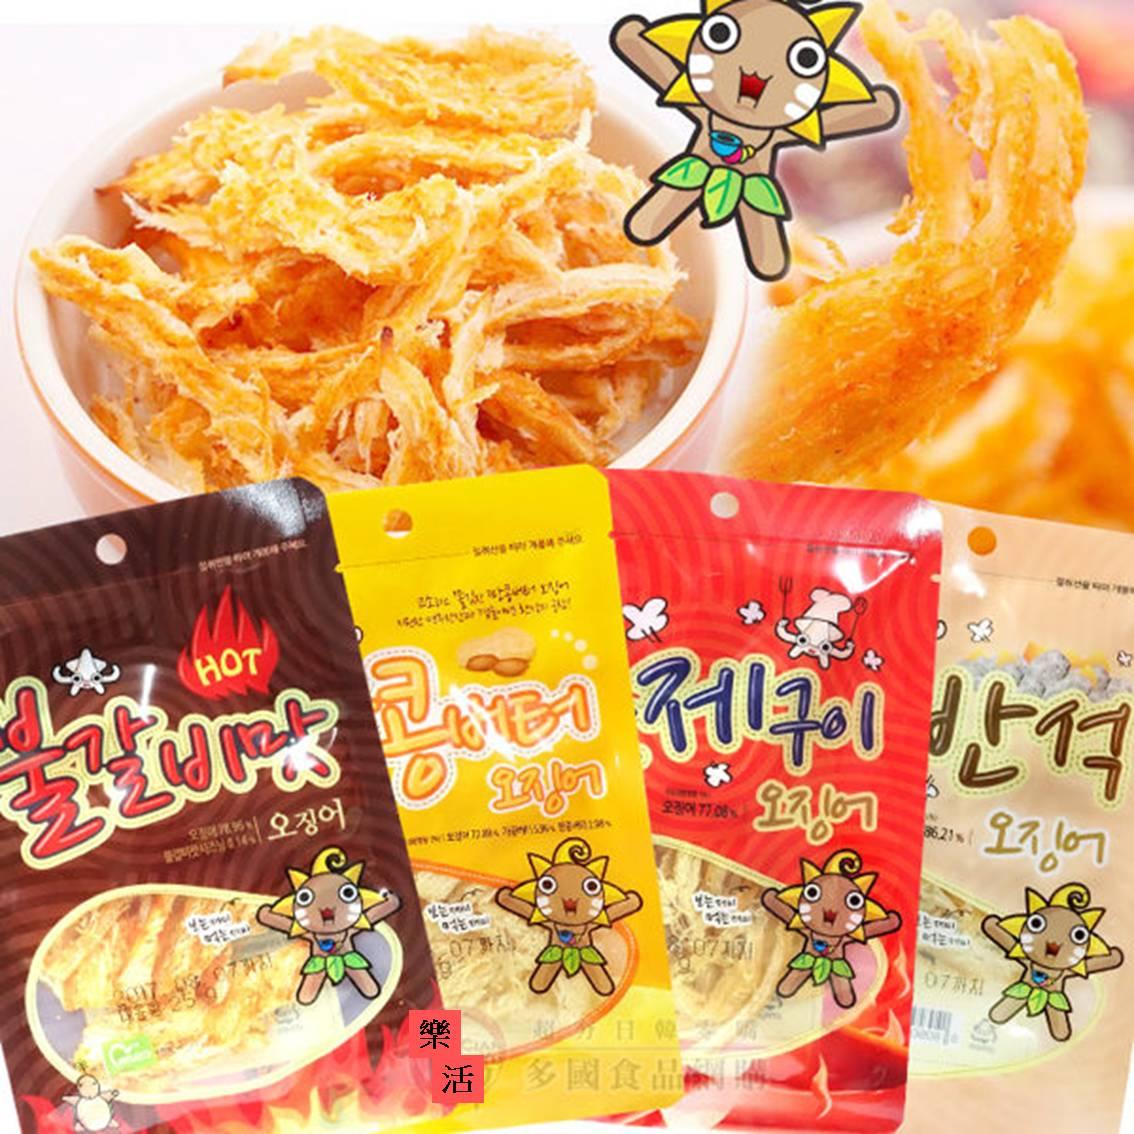 韓式烤魷魚絲 辣排骨/花生醬/煙燻/麥飯石風味   【樂活生活館】